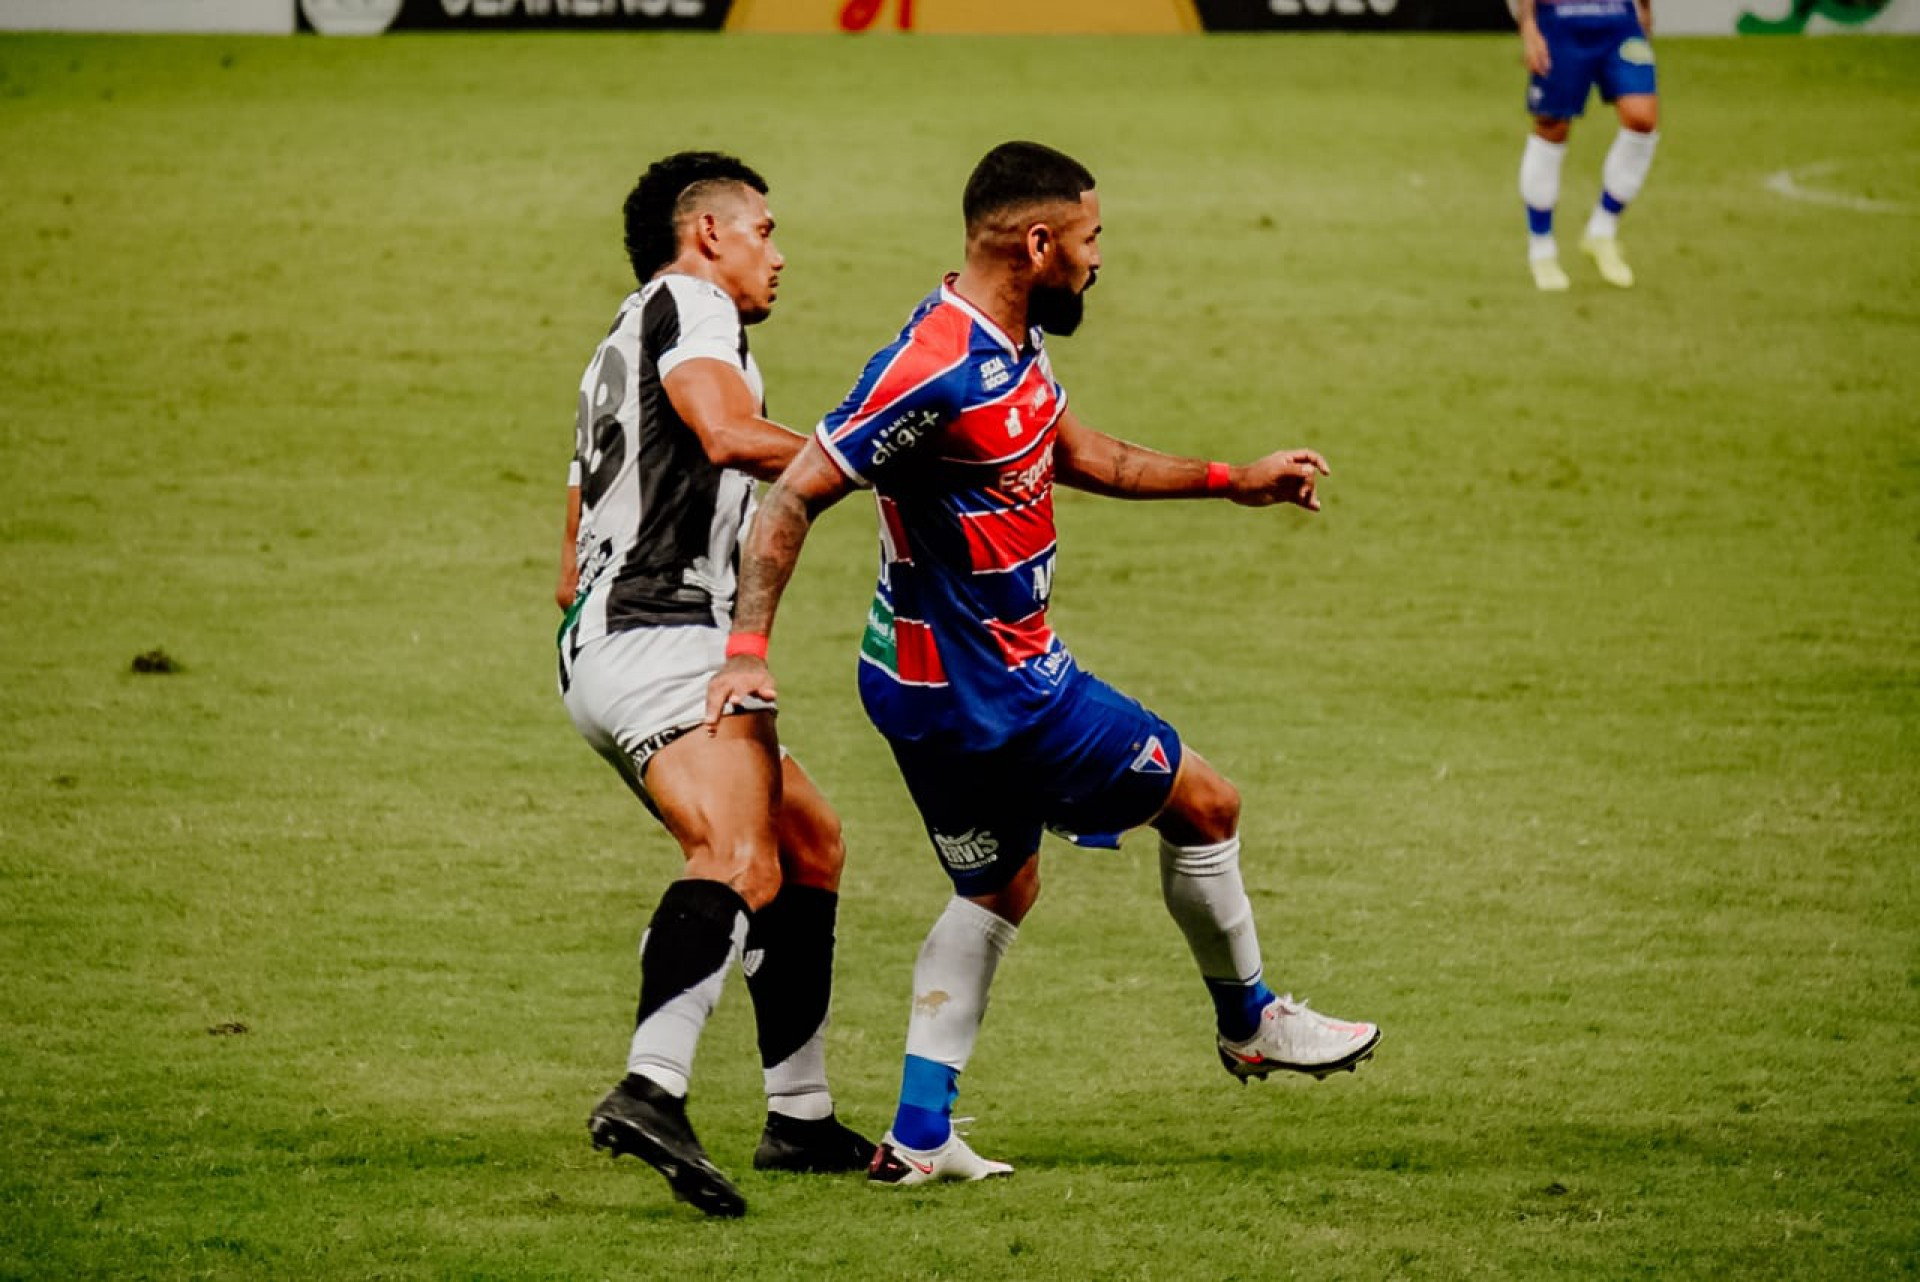 Dupla Ceará e Fortaleza puxa a fila de sete clubes cearenses entre quatro divisões nacionais